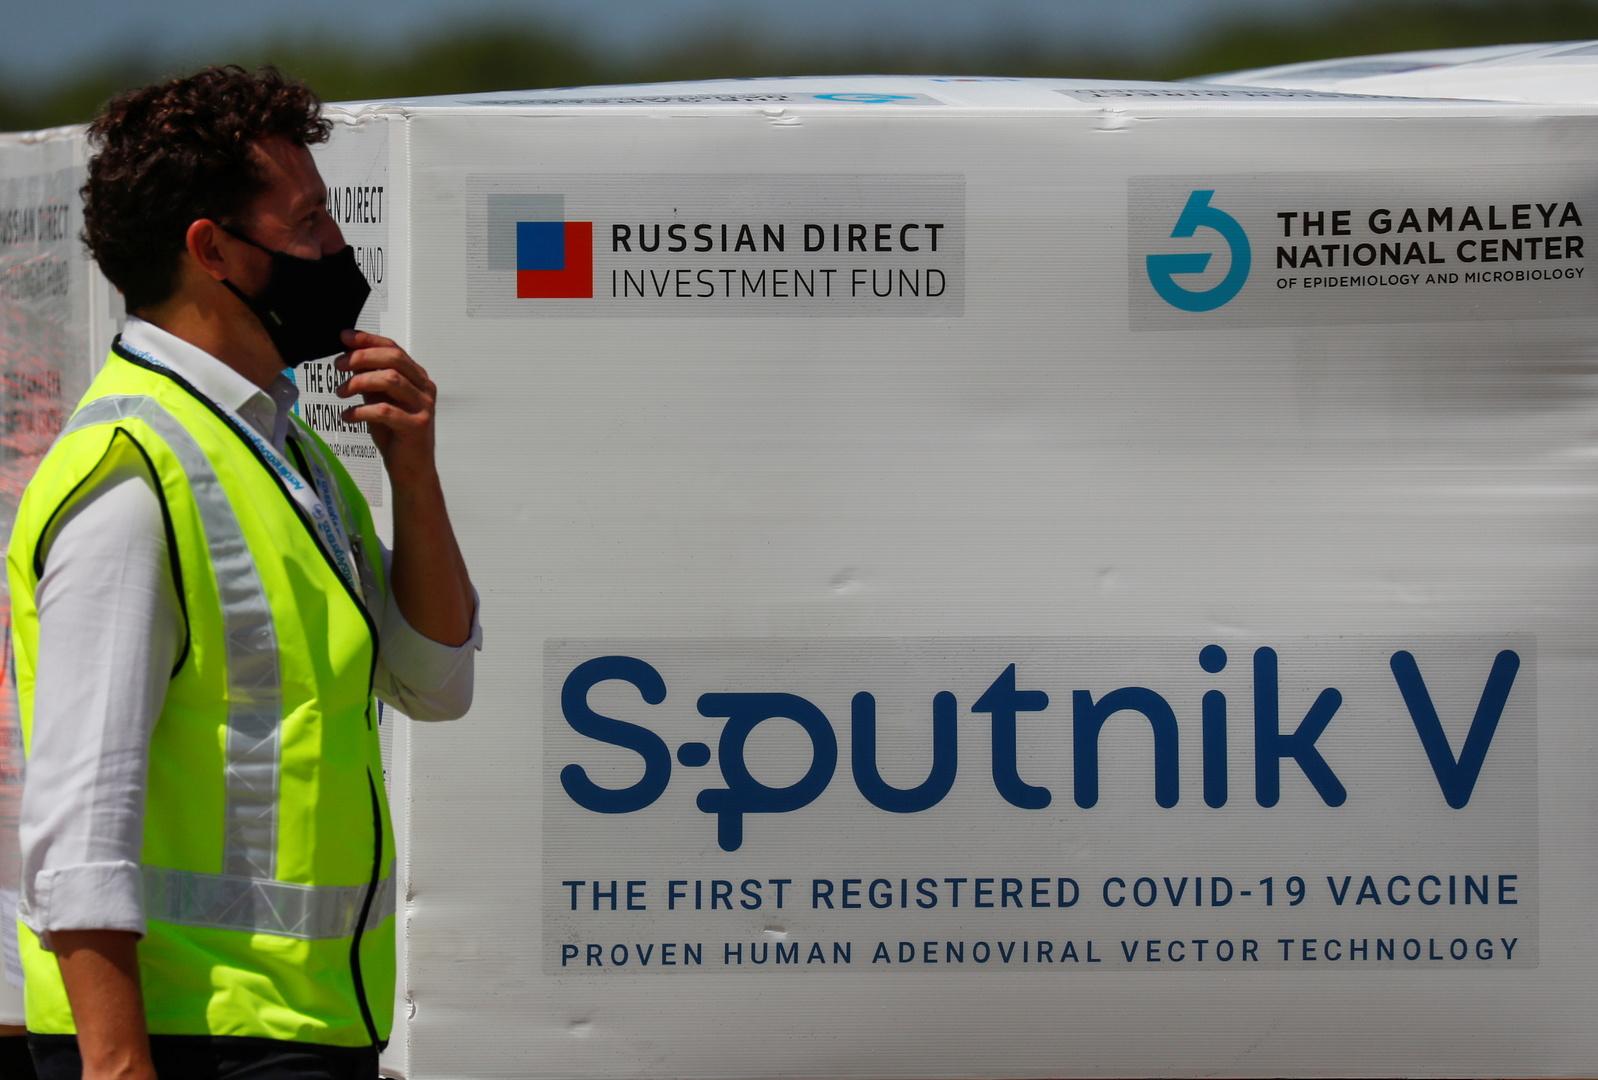 روسيا: تسجيل لقاح